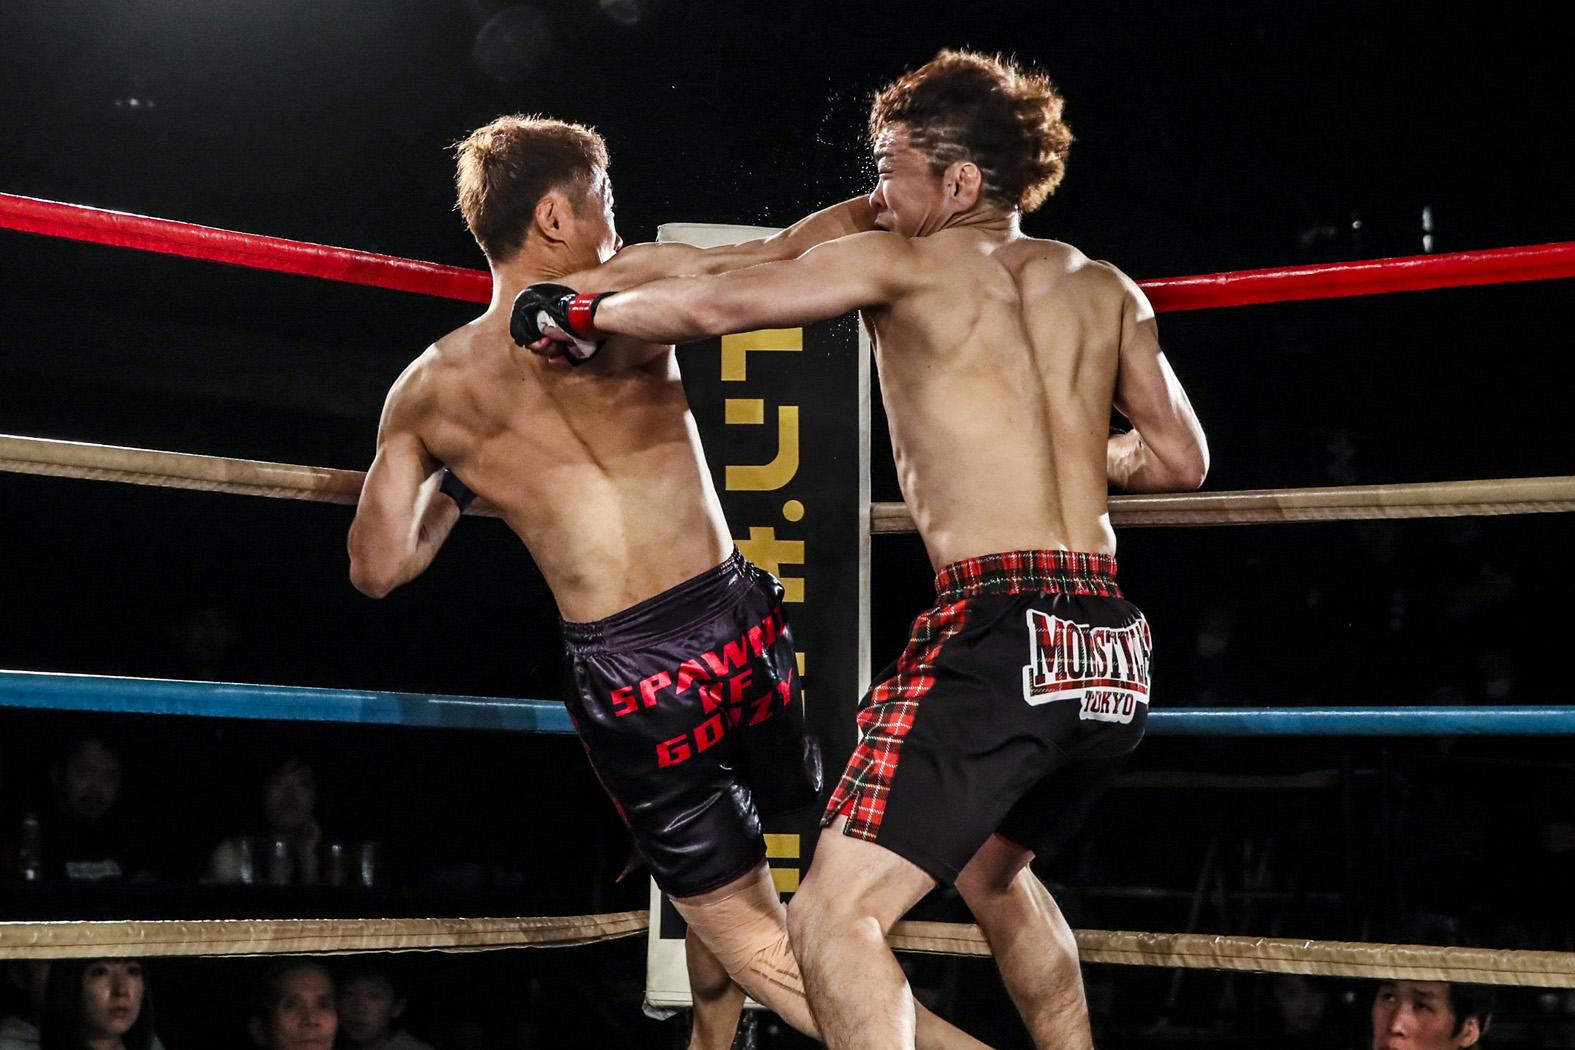 2018年修斗年間表彰アンケート 年間MVPは世界ストロー級王者・猿田洋祐 ...